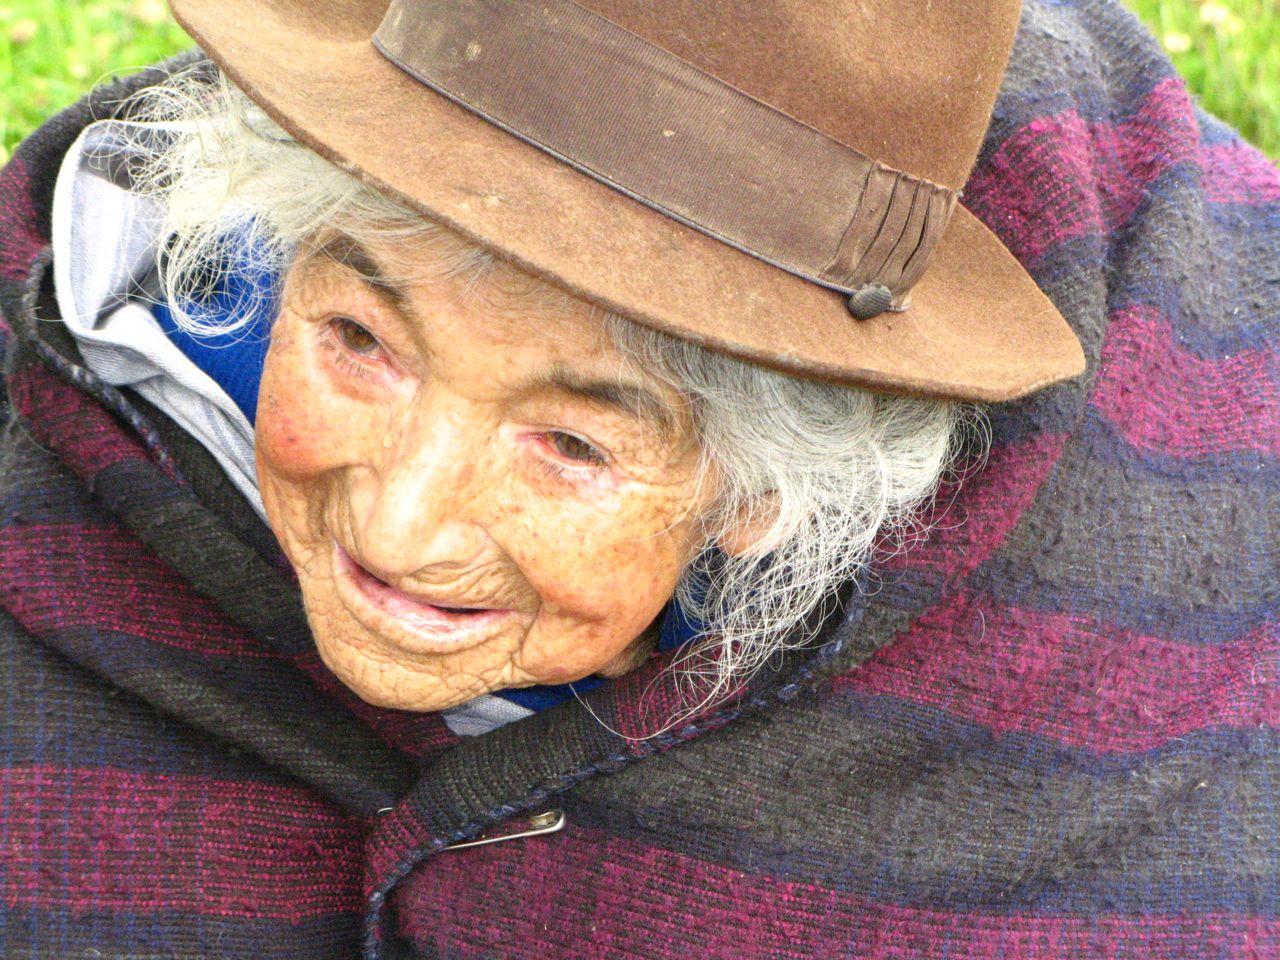 Ecuador elderly woman